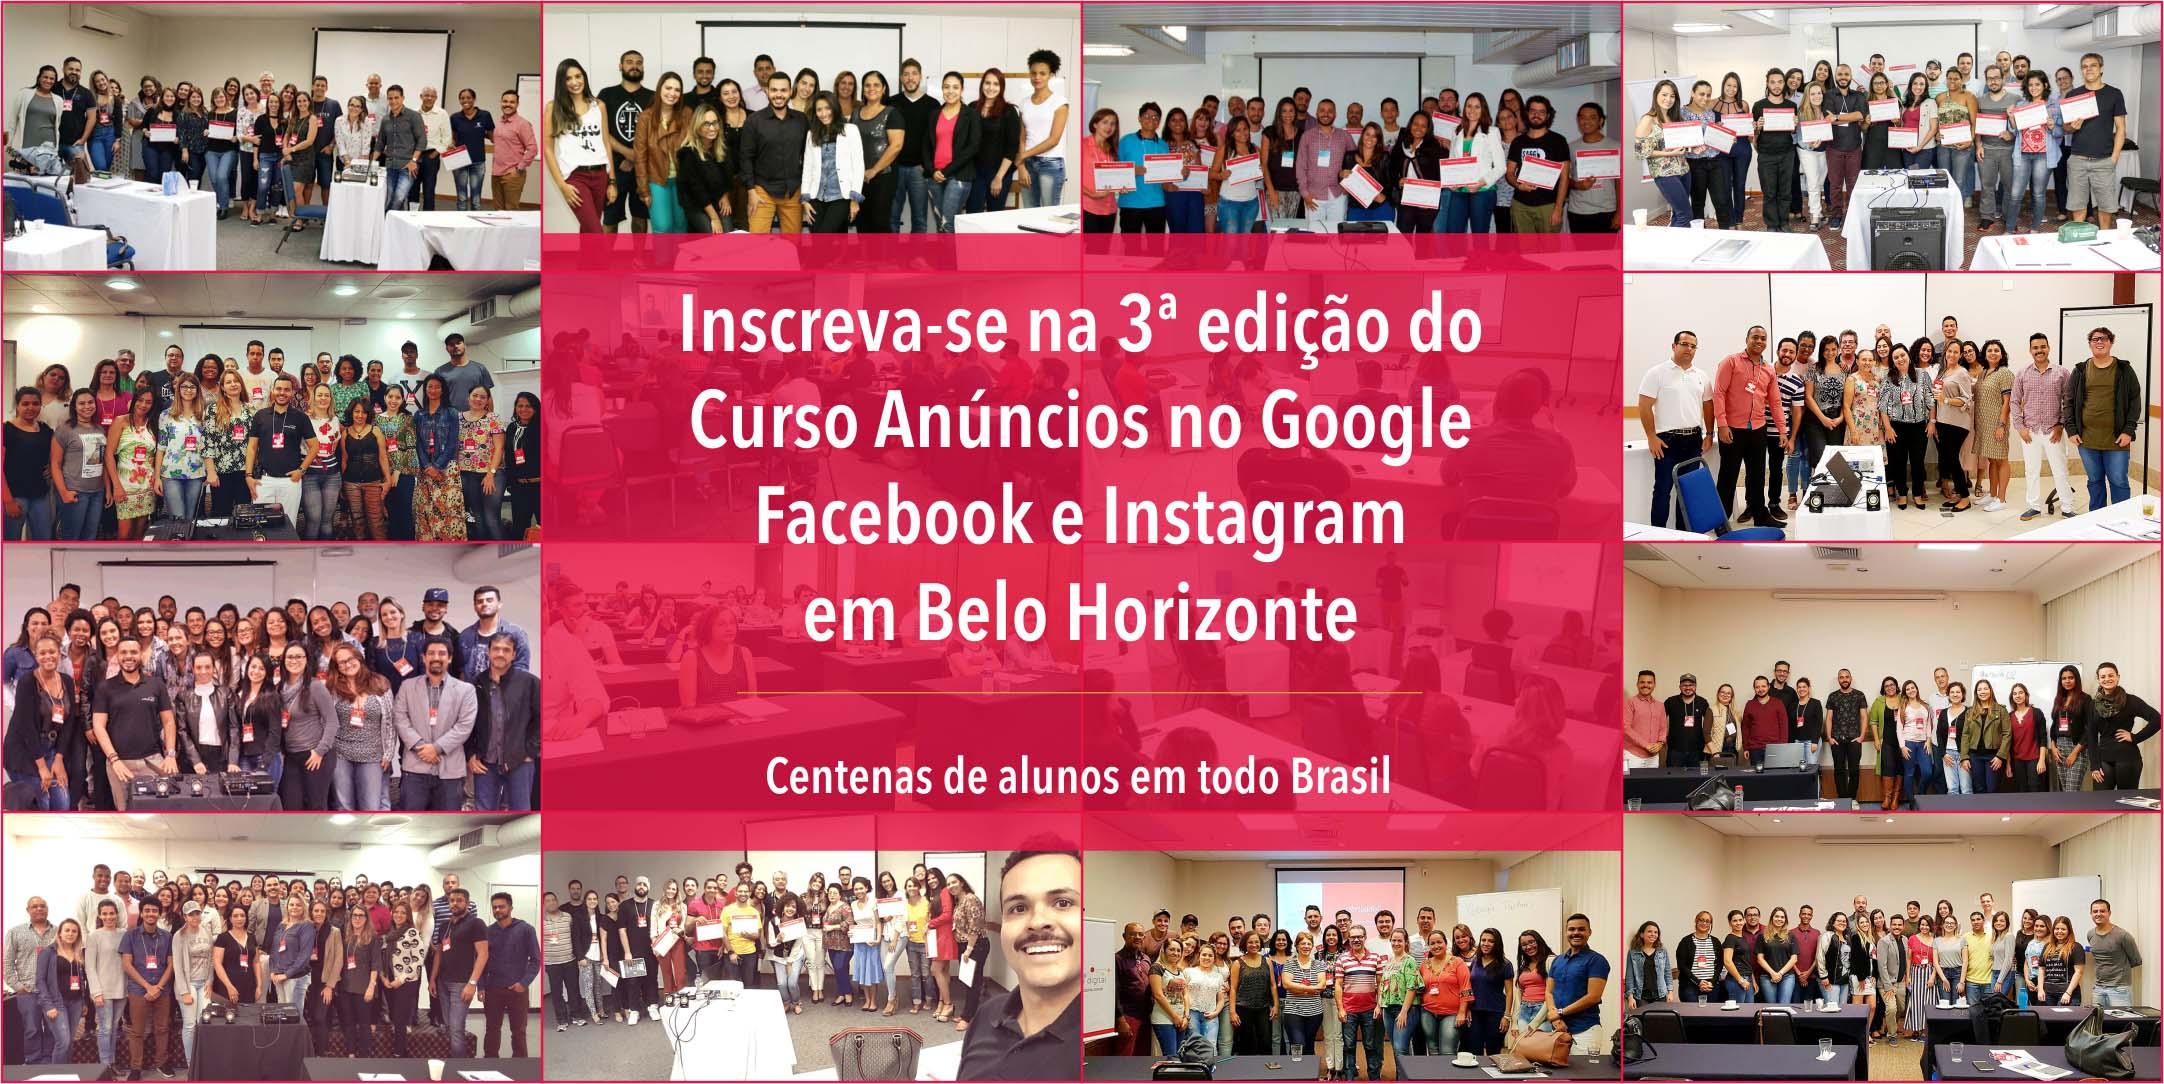 Curso Anúncios no Google, Facebook e Instagram - BH